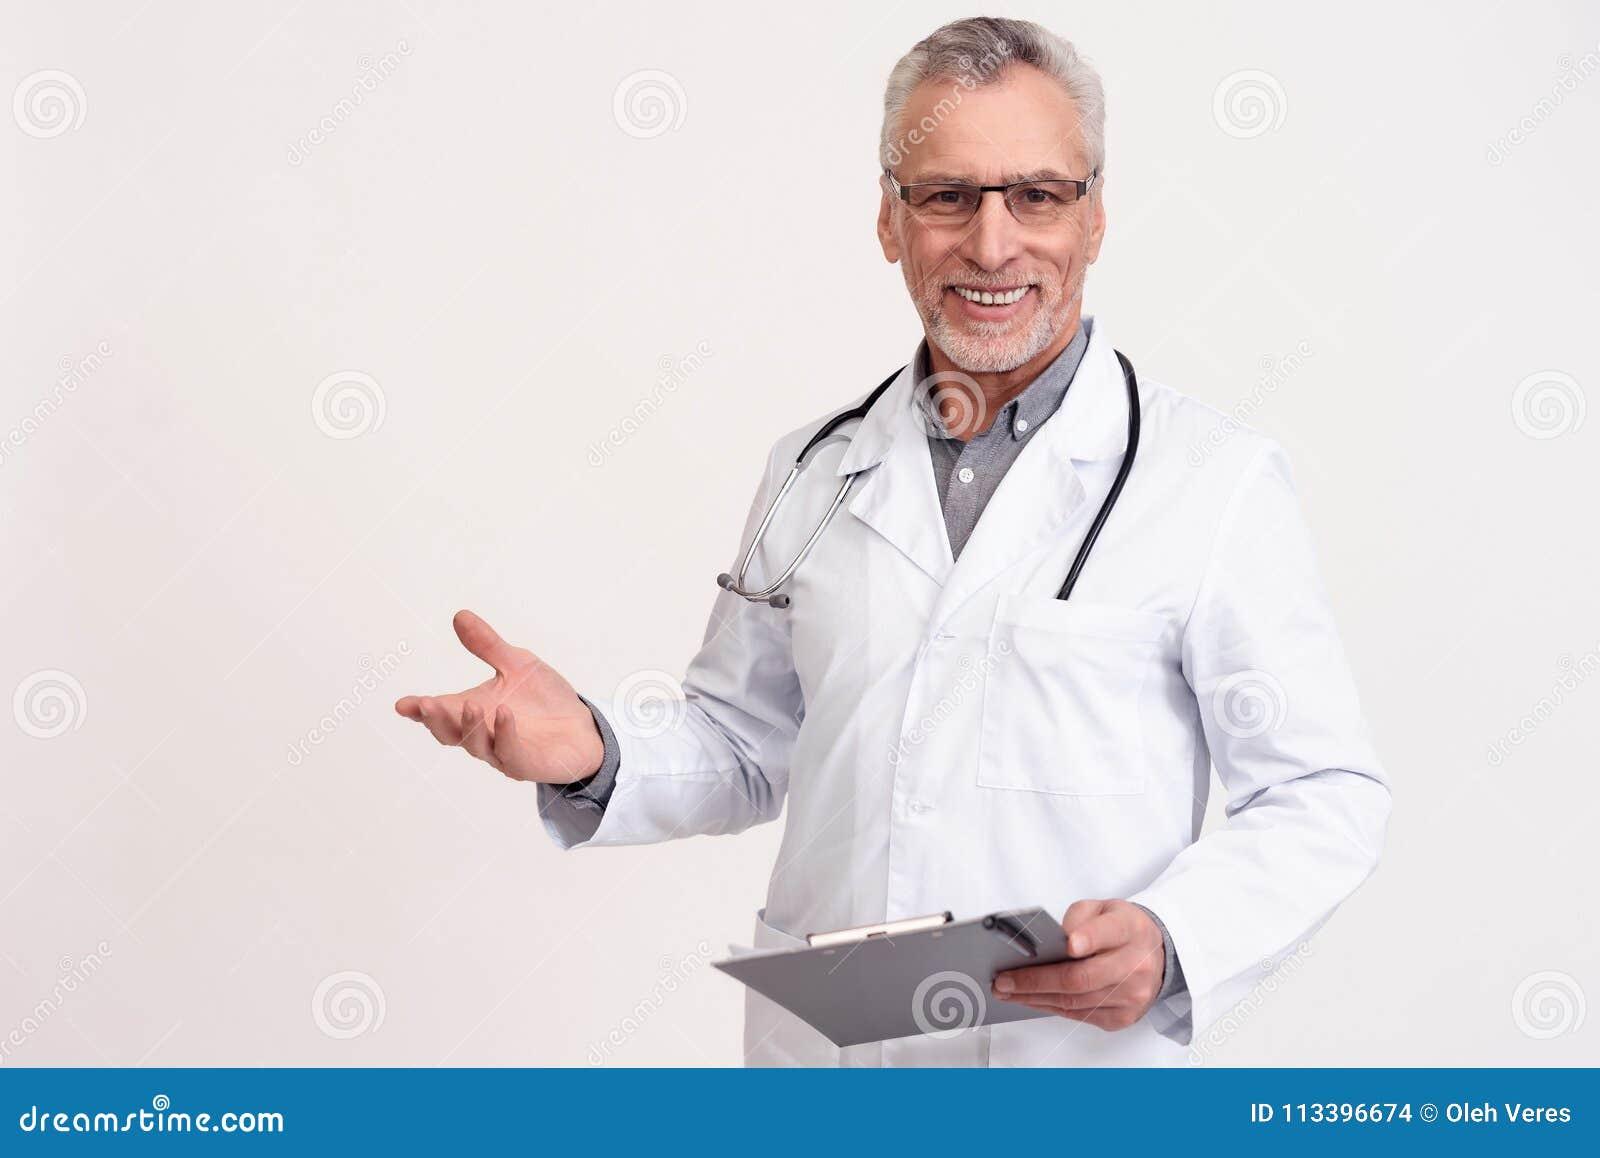 Portret van glimlachende arts met stethoscoop en geïsoleerd klembord